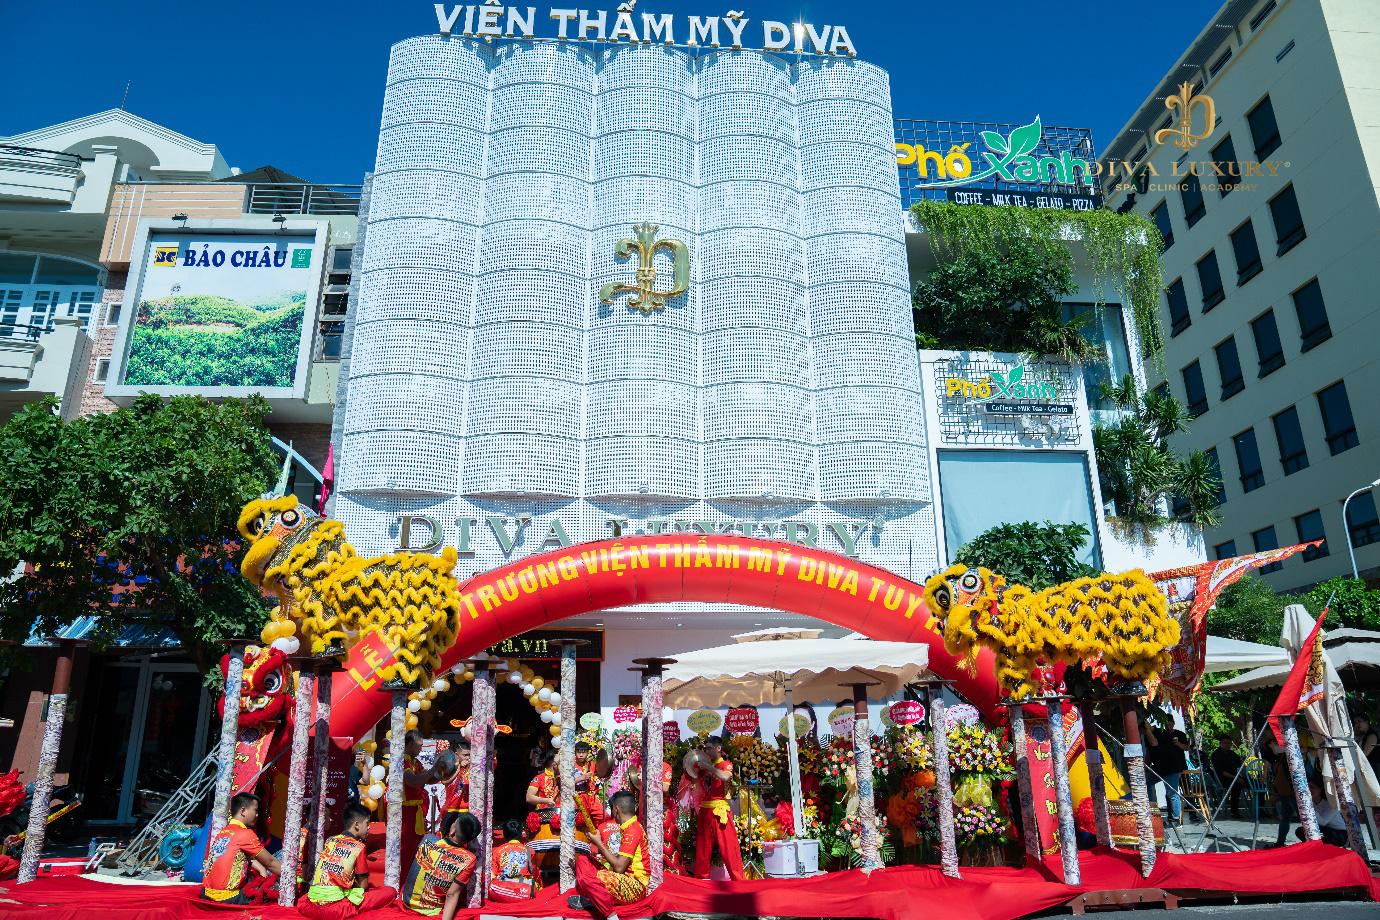 Viện thẩm mỹ DIVA Phú Yên kín khách trong ngày đầu khai trương - Ảnh 1.